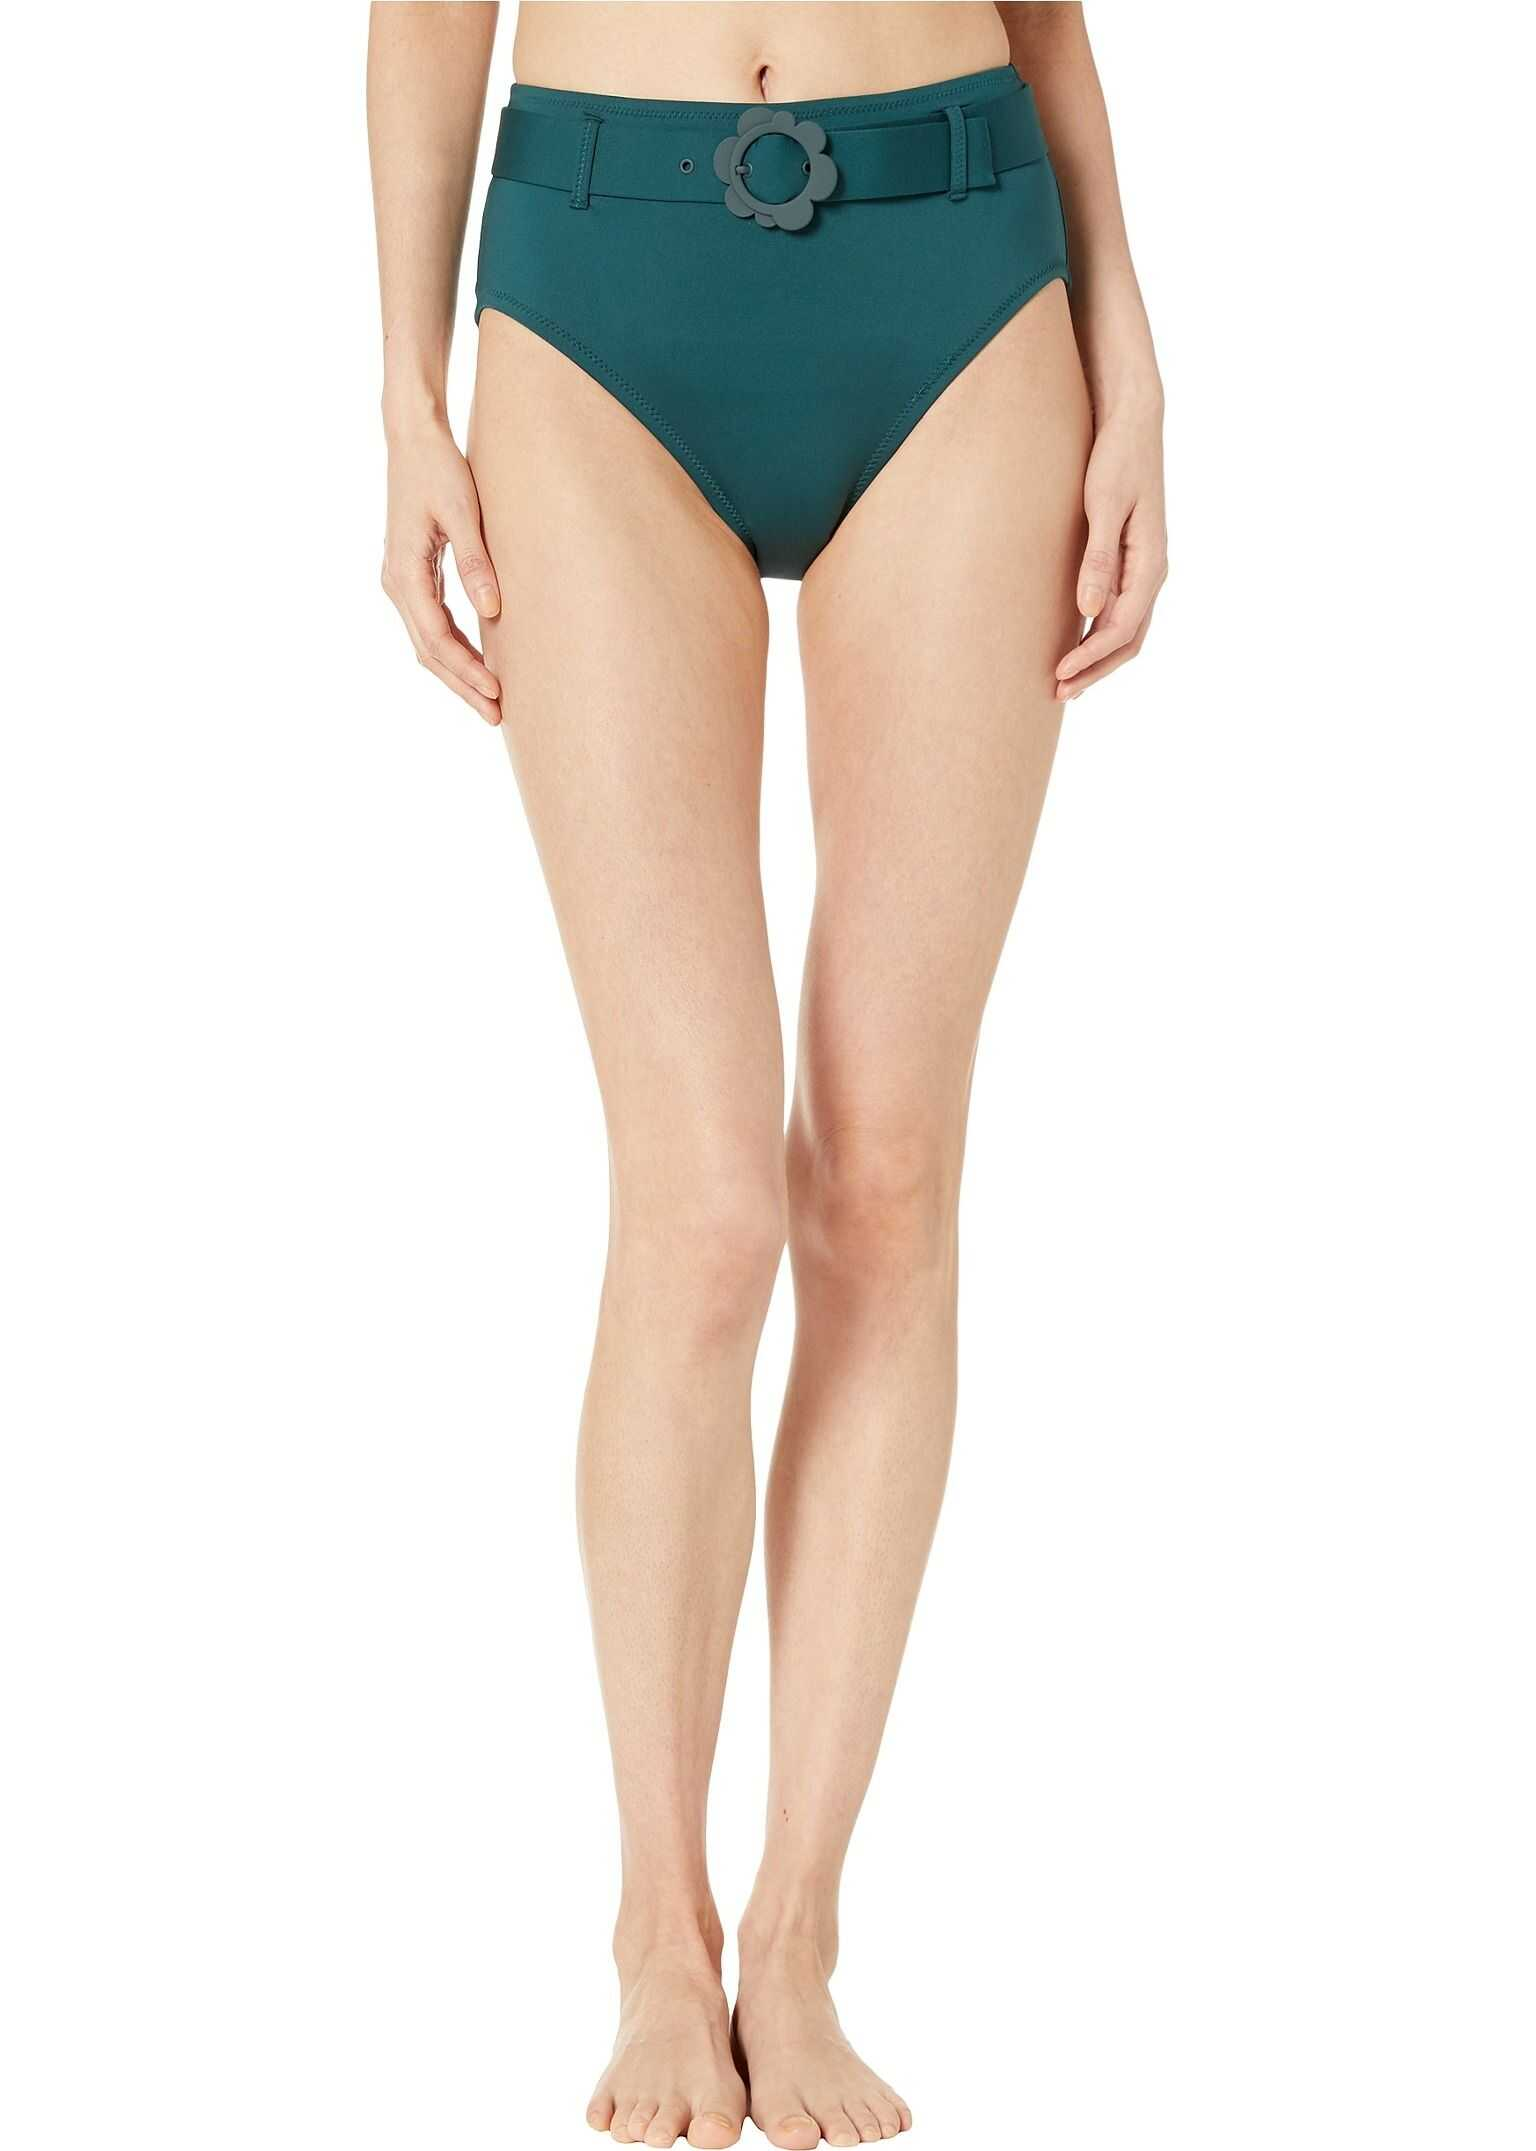 Kate Spade New York Daisy Buckle High-Waist Bikini Bottoms Conifer